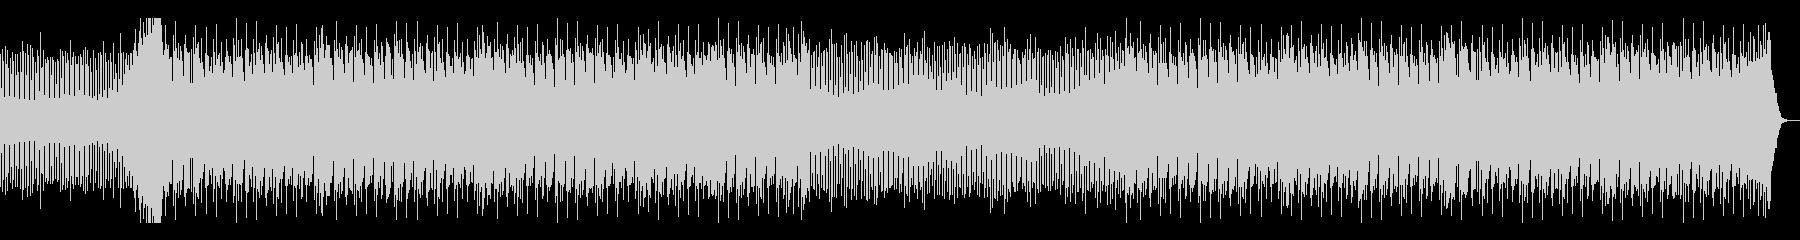 アンダーグラウンドなドラムンベースの未再生の波形